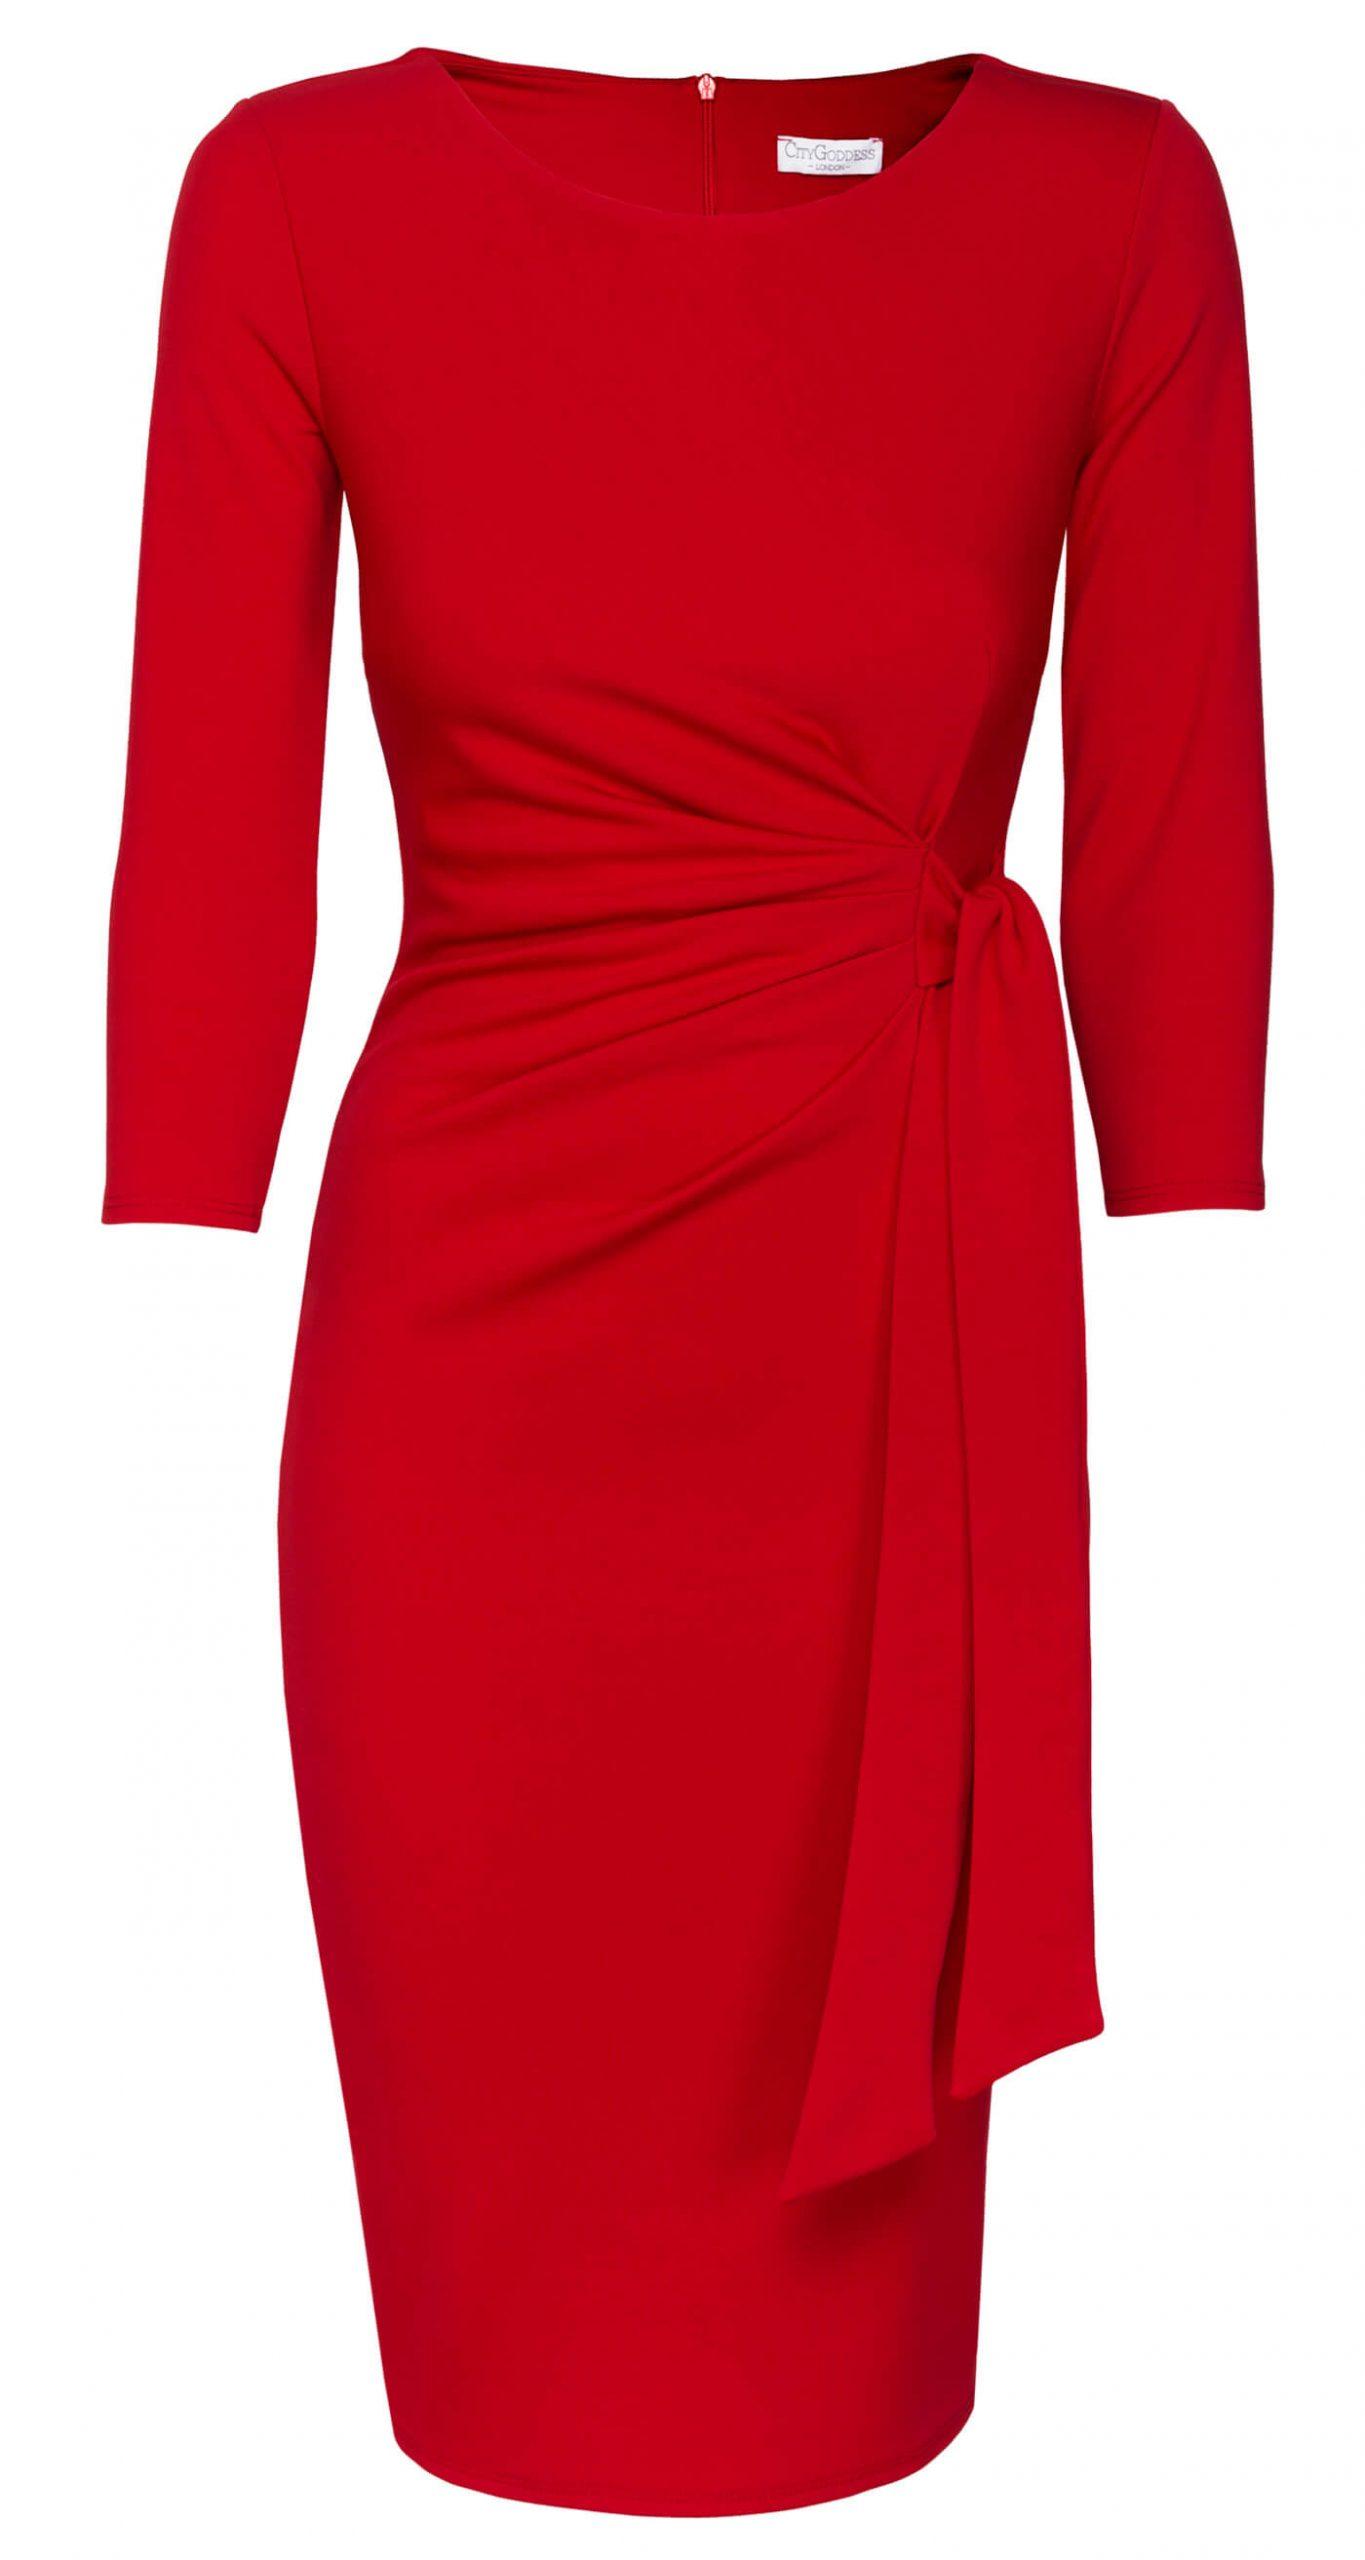 Designer Cool Kleid Rot Vertrieb17 Top Kleid Rot Vertrieb